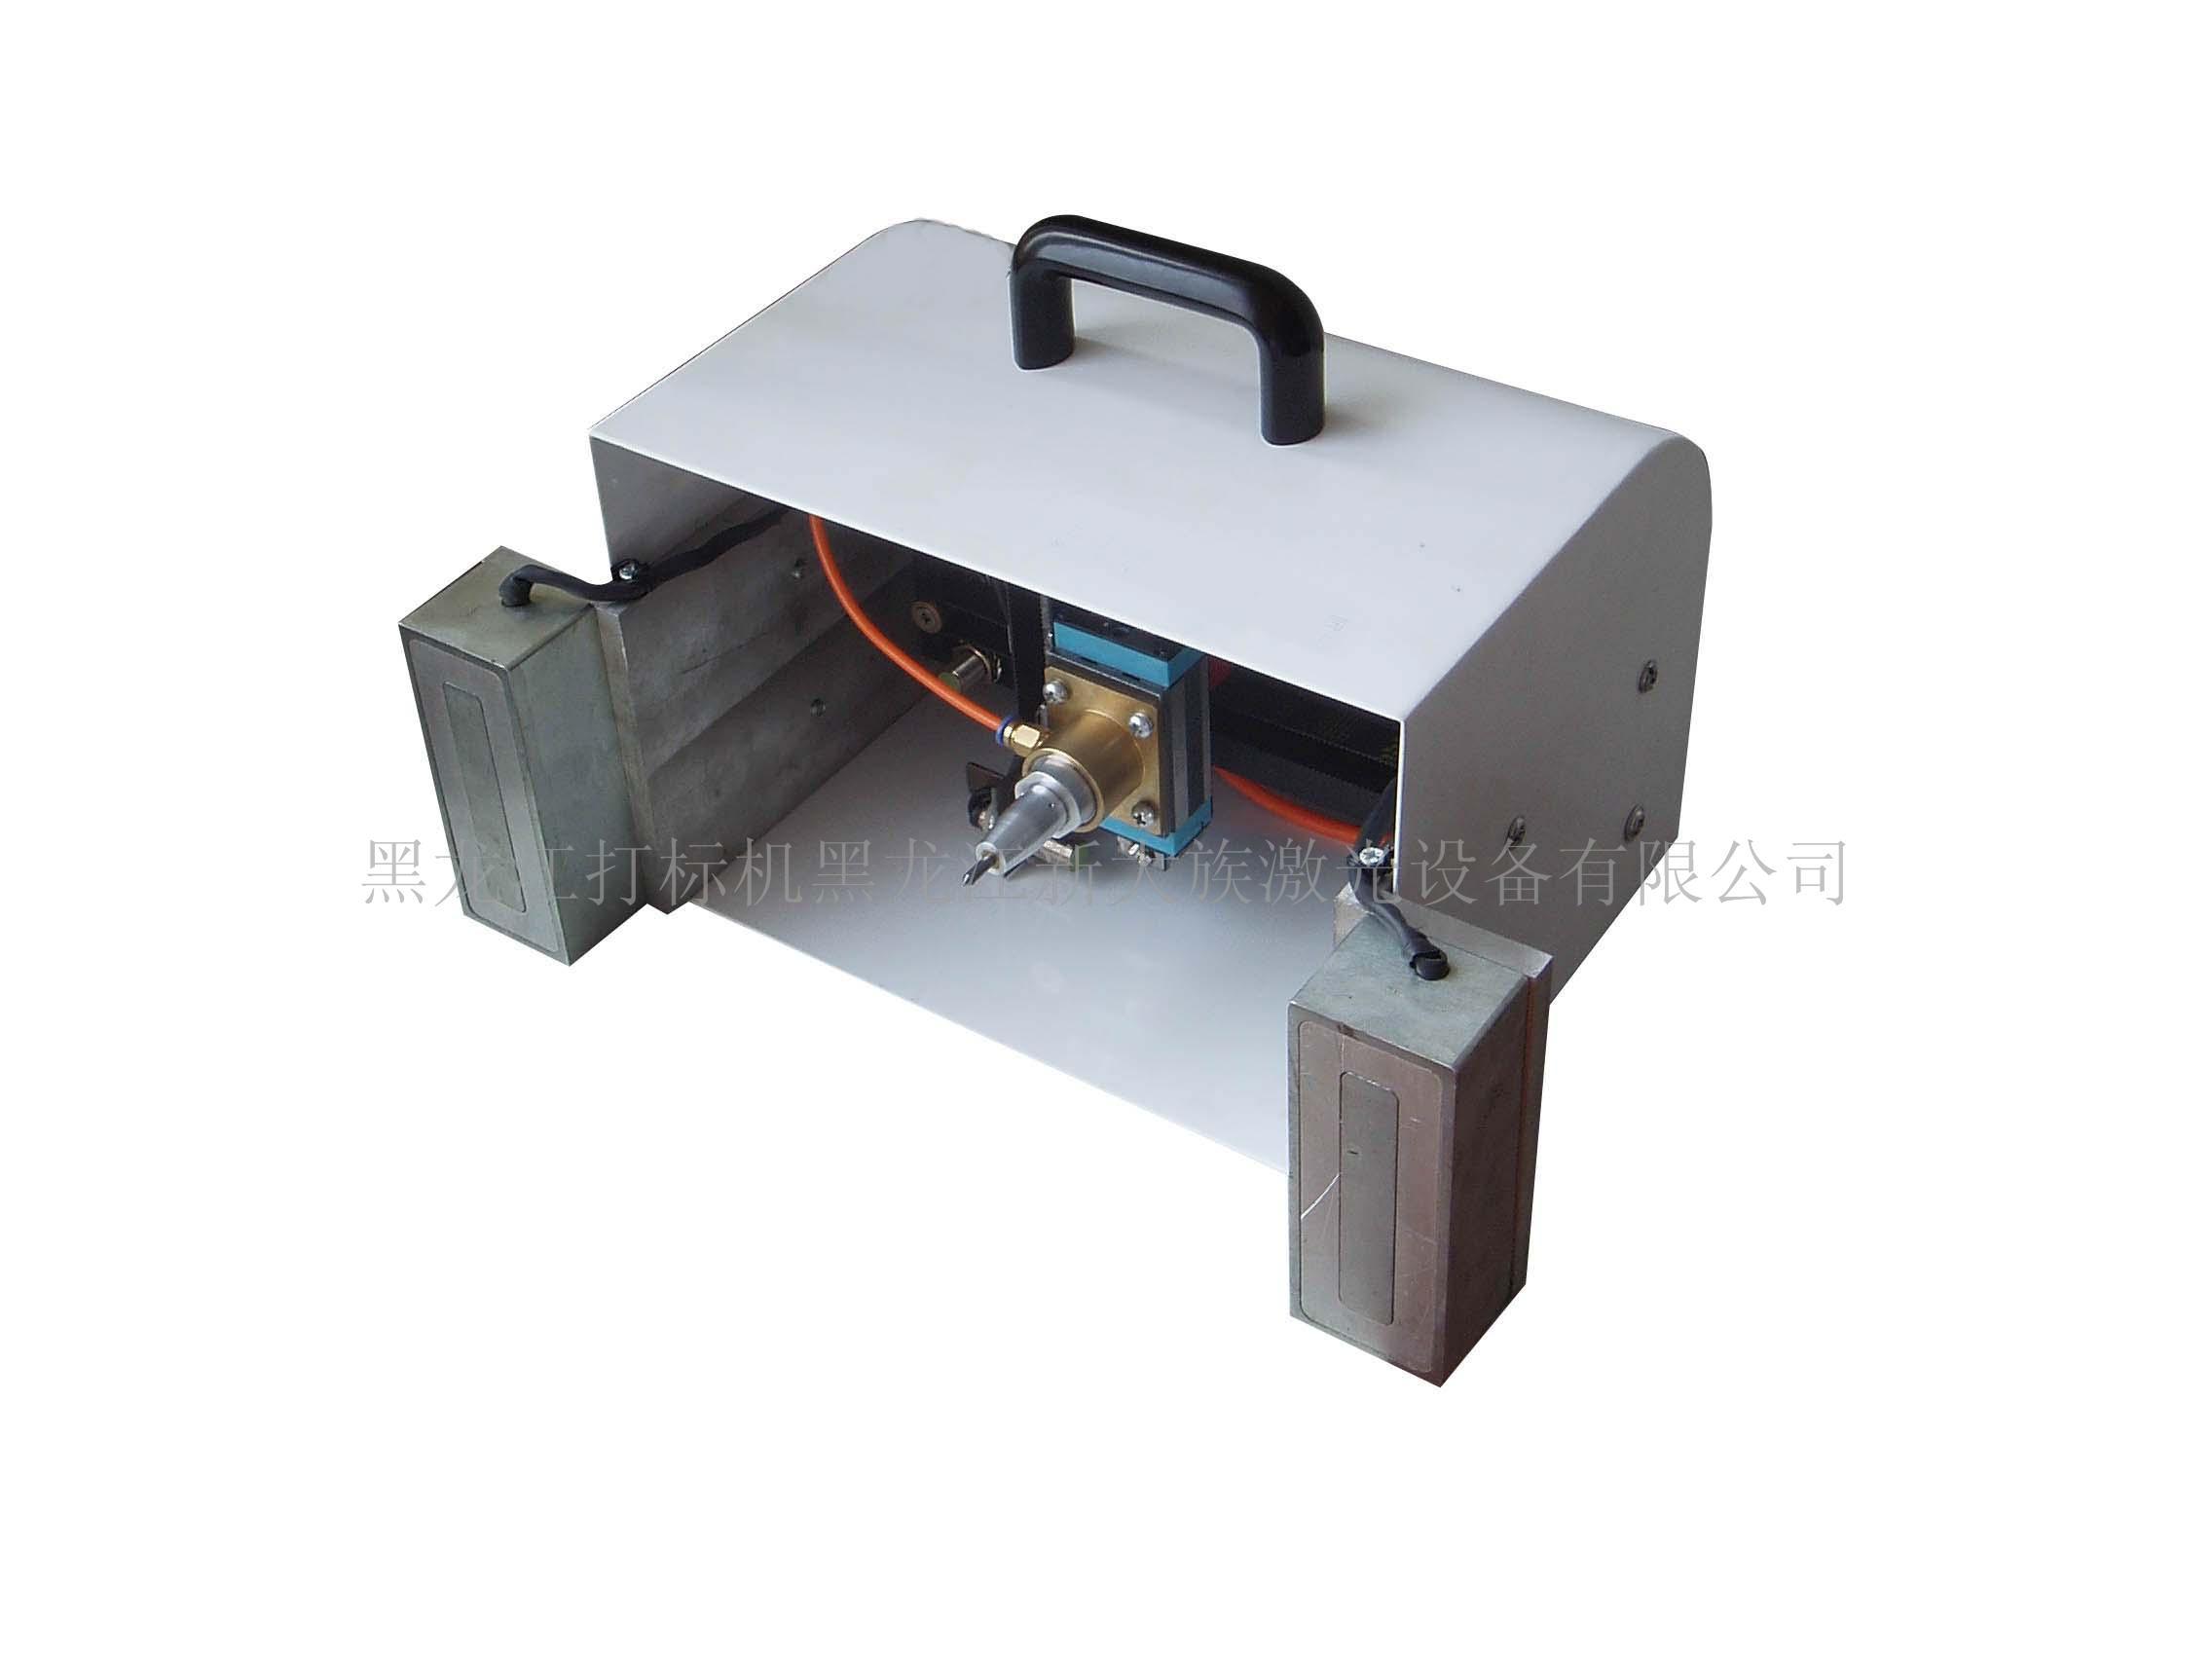 供应手持气动打标机-电磁铁气动打标机图片